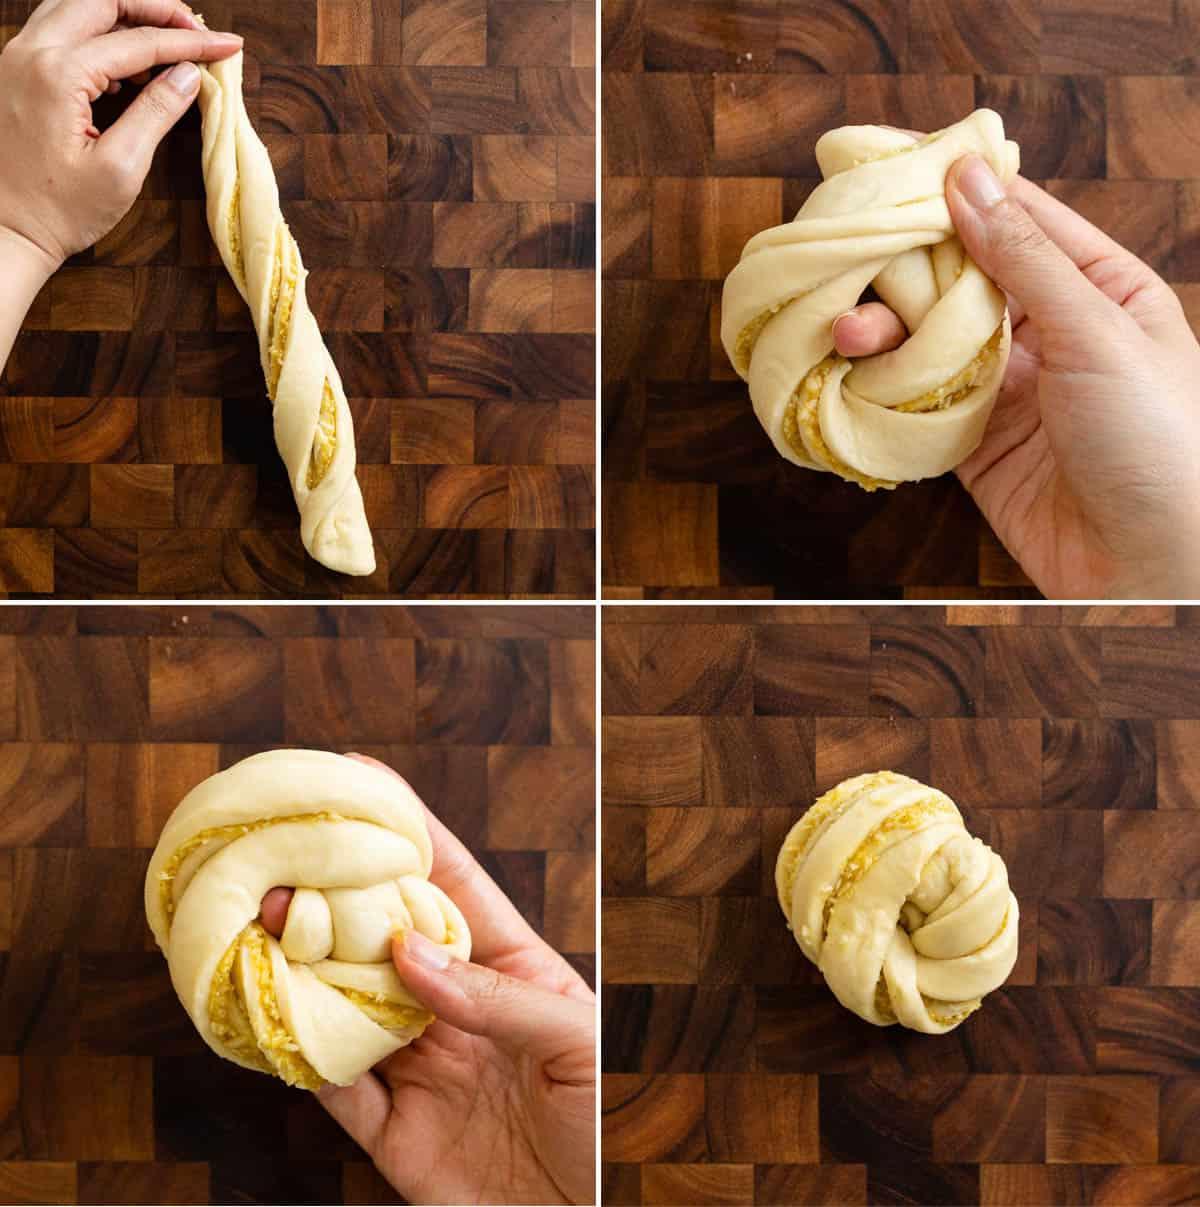 Finishing tying dough into knot